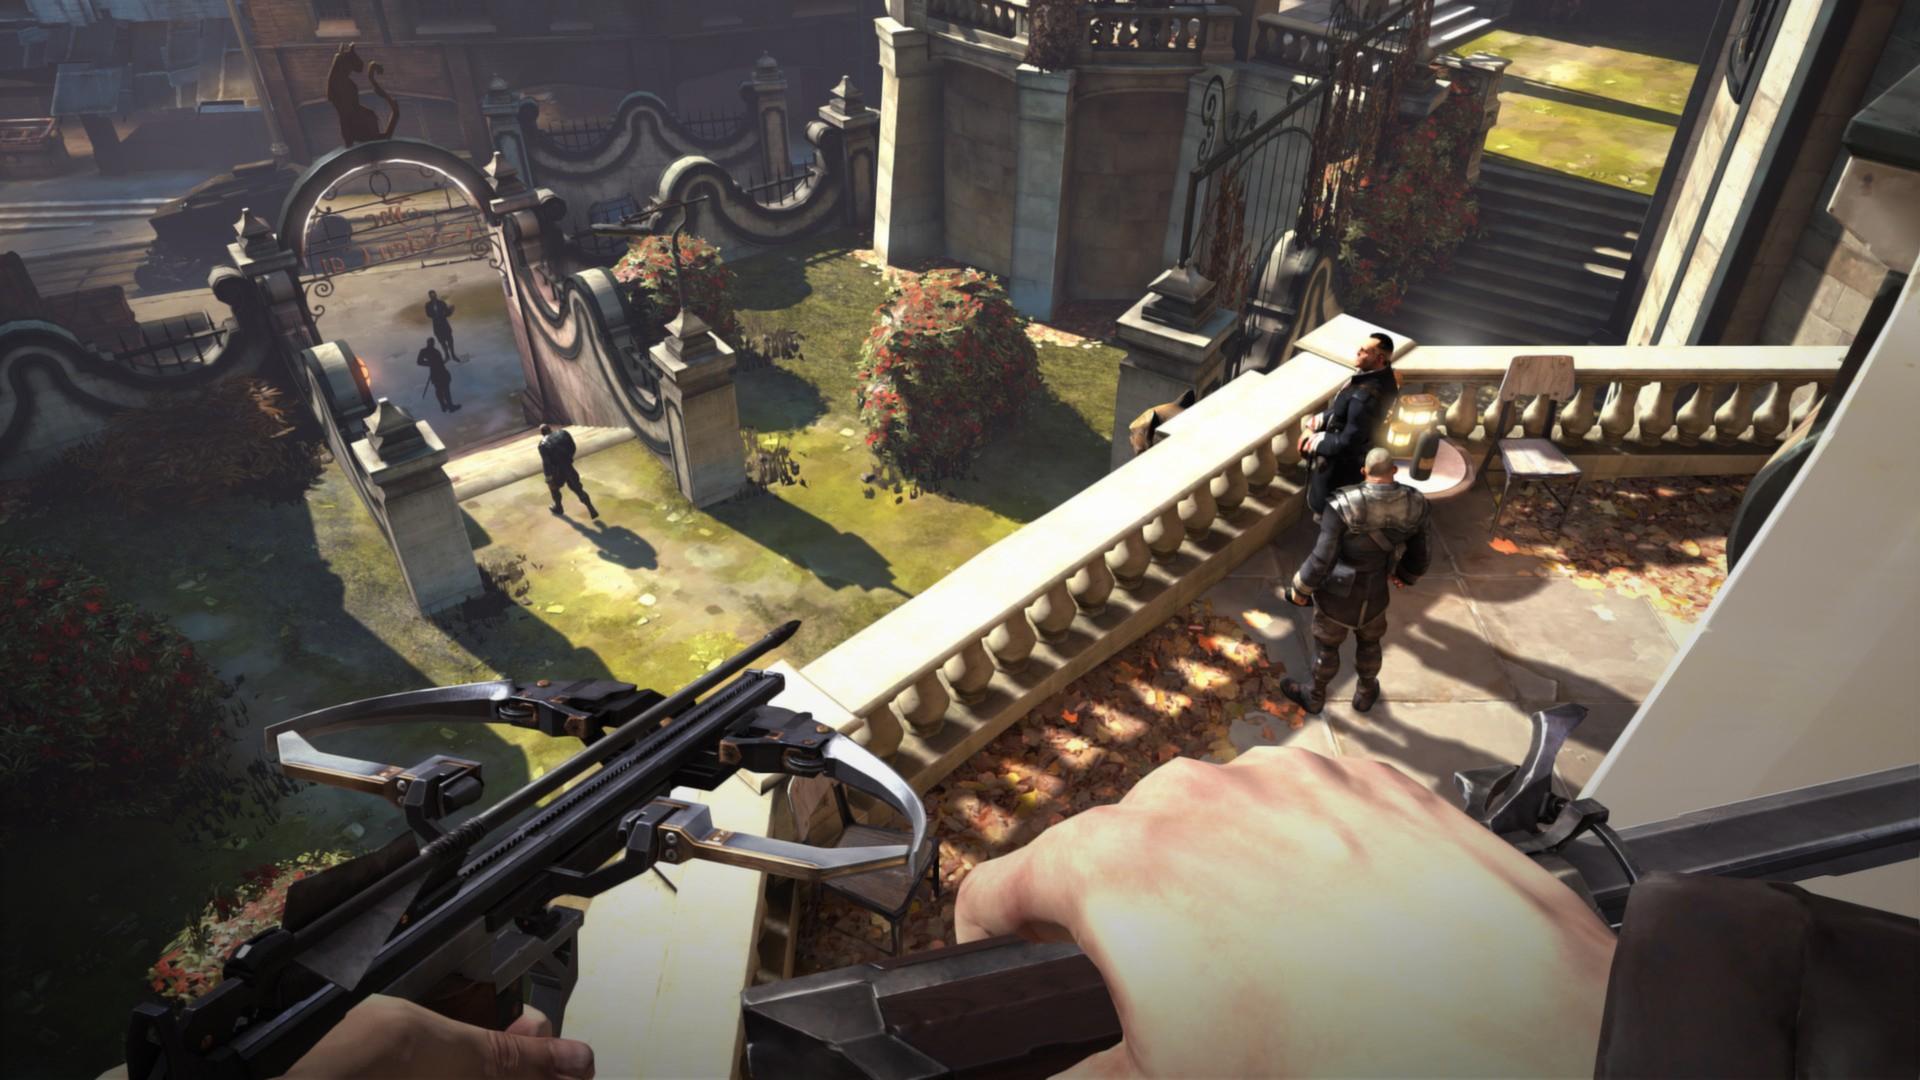 Художественный директор Half-Life 2 Виктор Антонов представит свой новый большой проект в сентябре